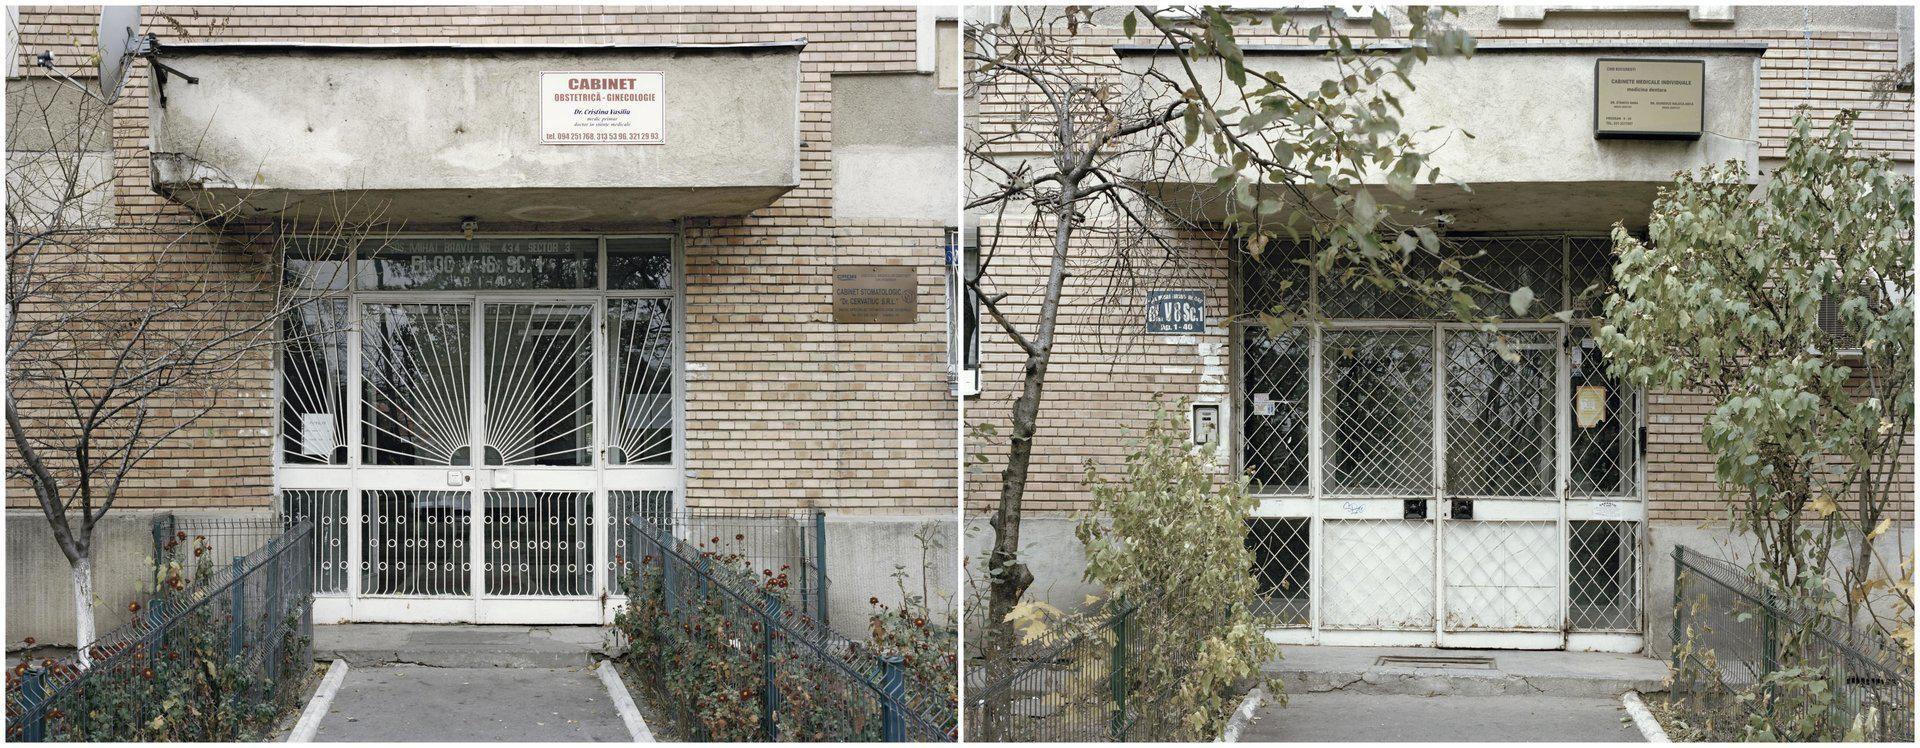 Mircea Nicolae, Metal Doors #2, 2012